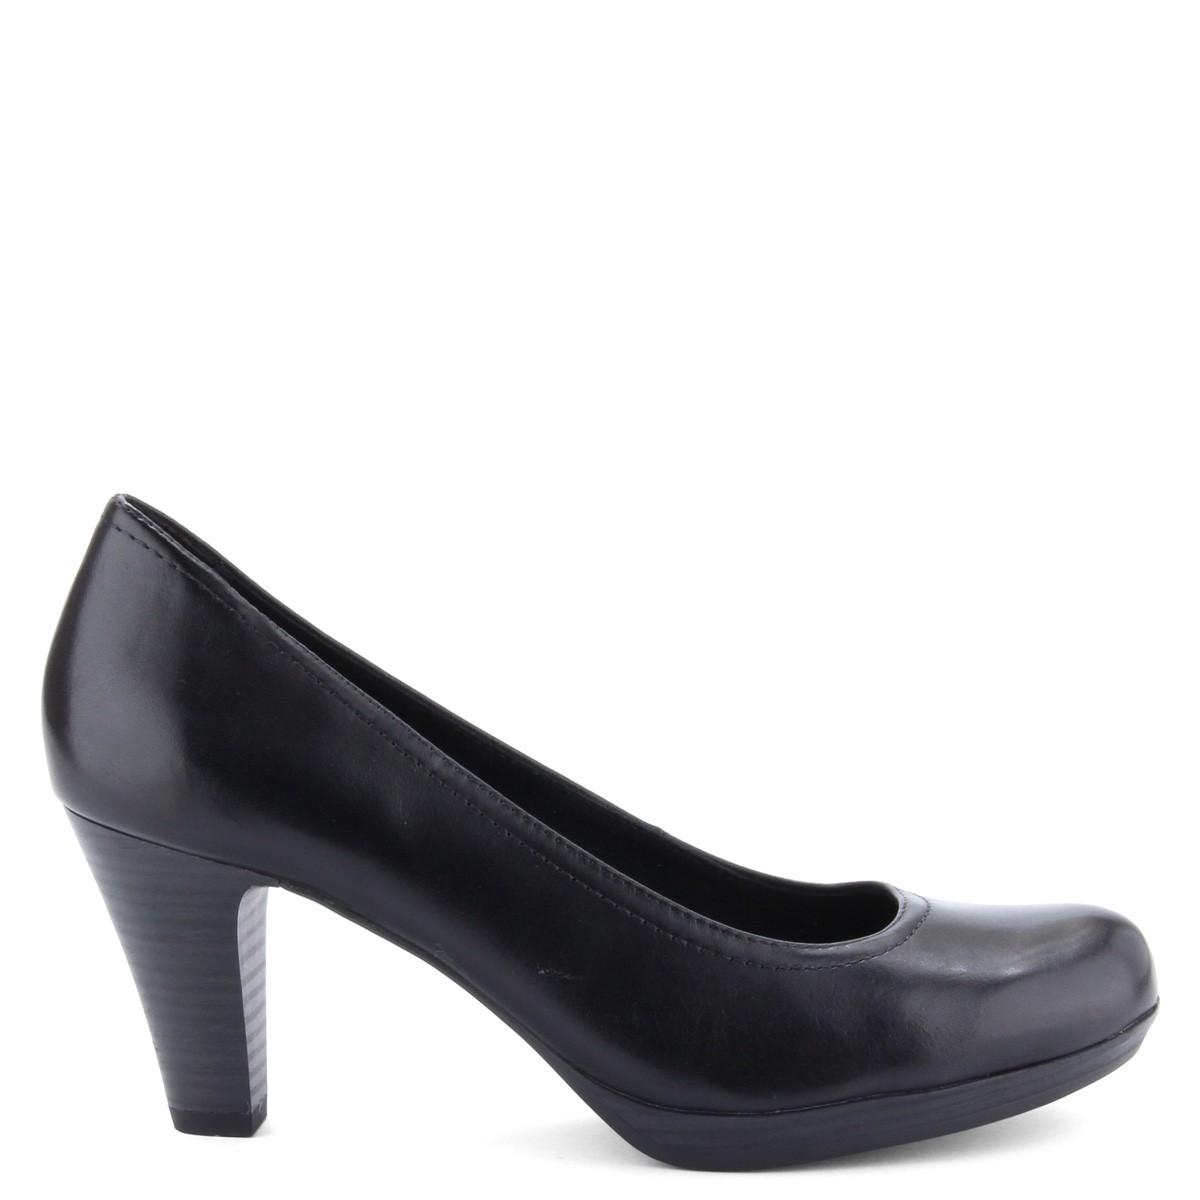 Platformos Tamaris cipő